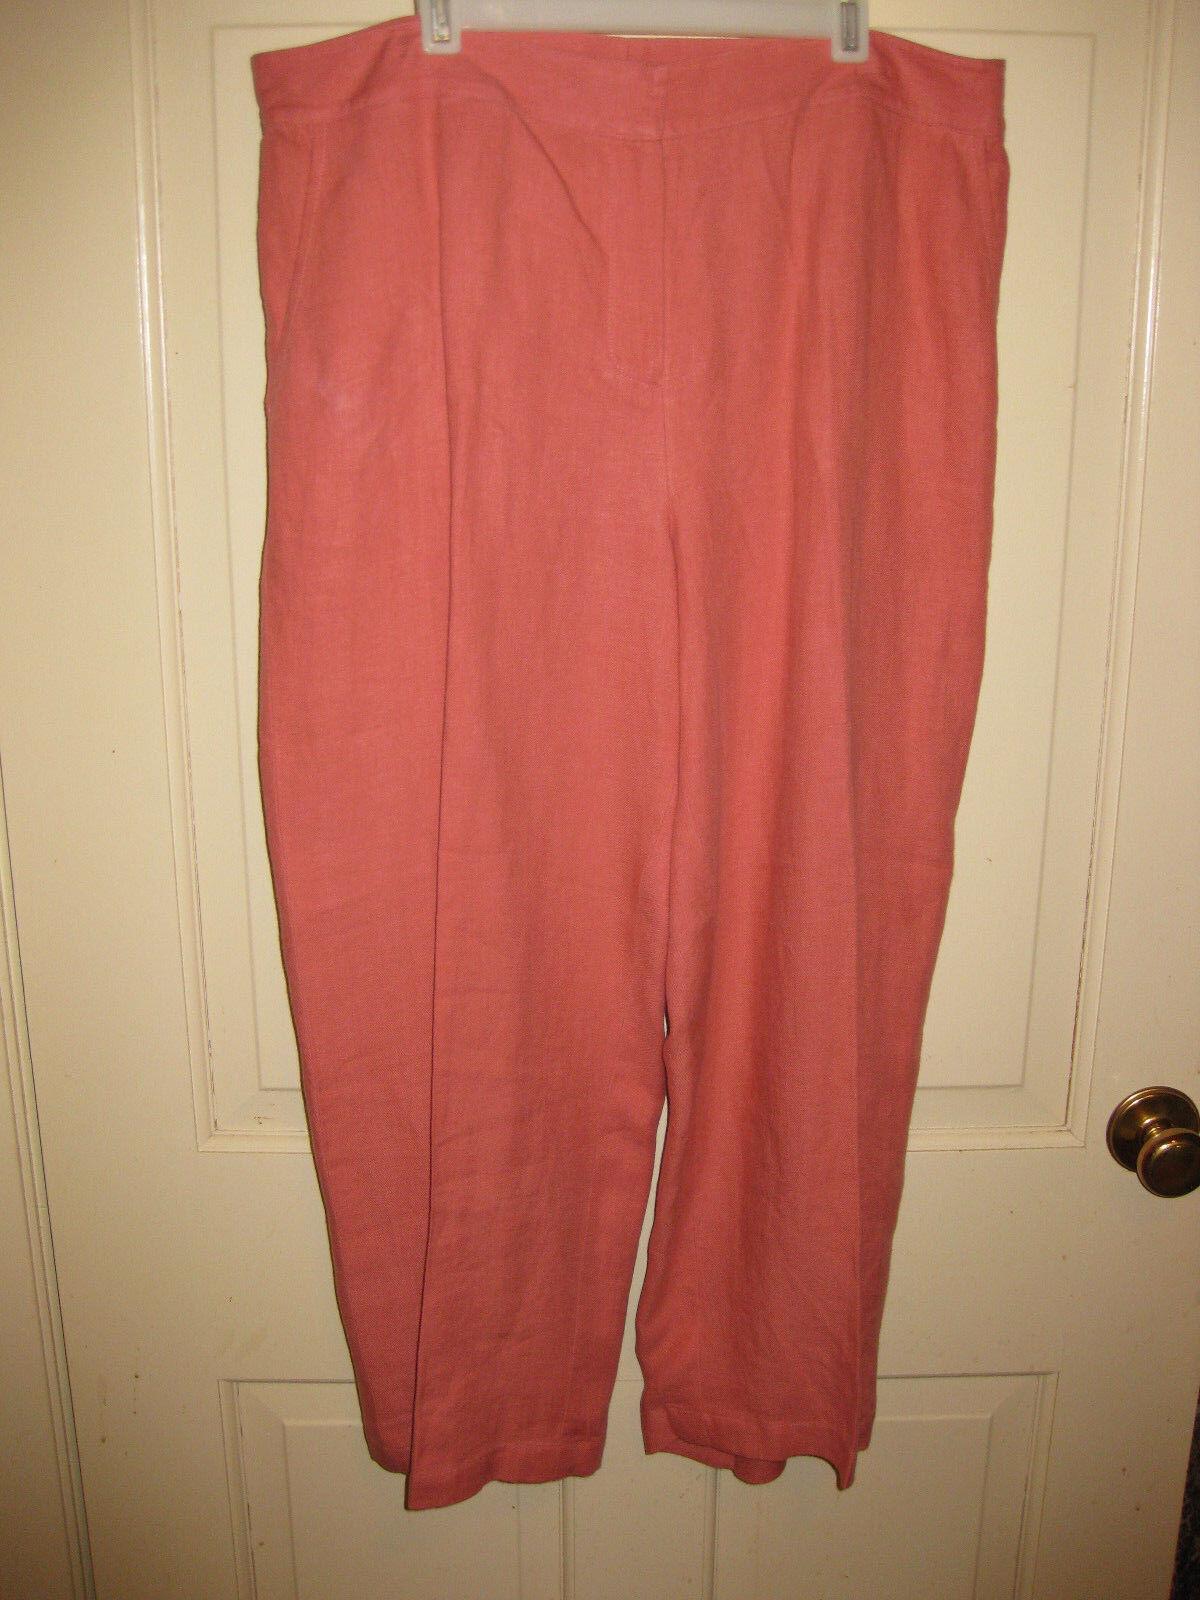 Eileen Fisher PL Cropped Pants LT Orange100% Linen Petites EUC